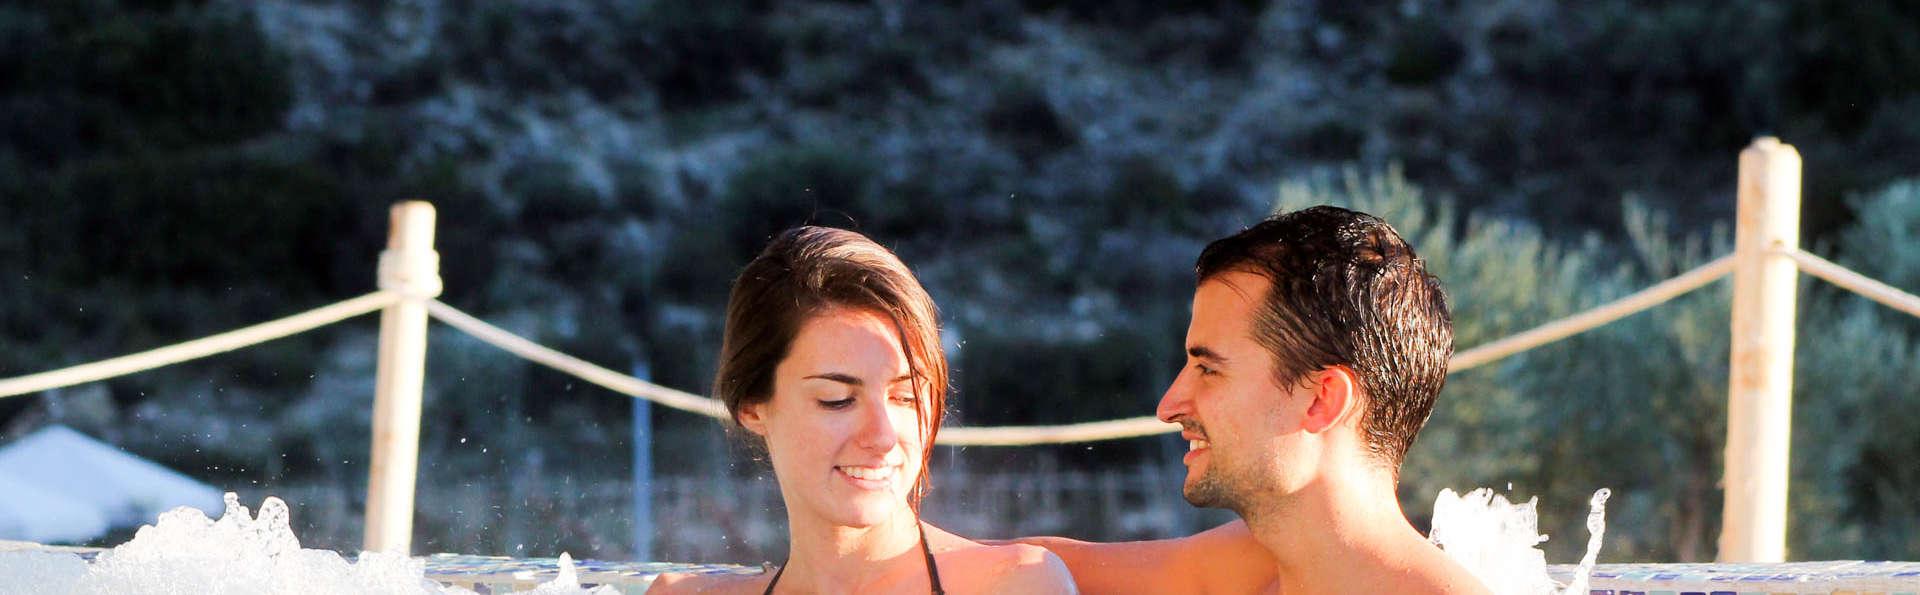 Vacaciones en Pensión Completa con acceso al balneario, niño gratis y tratamiento relajante (Min 5N)